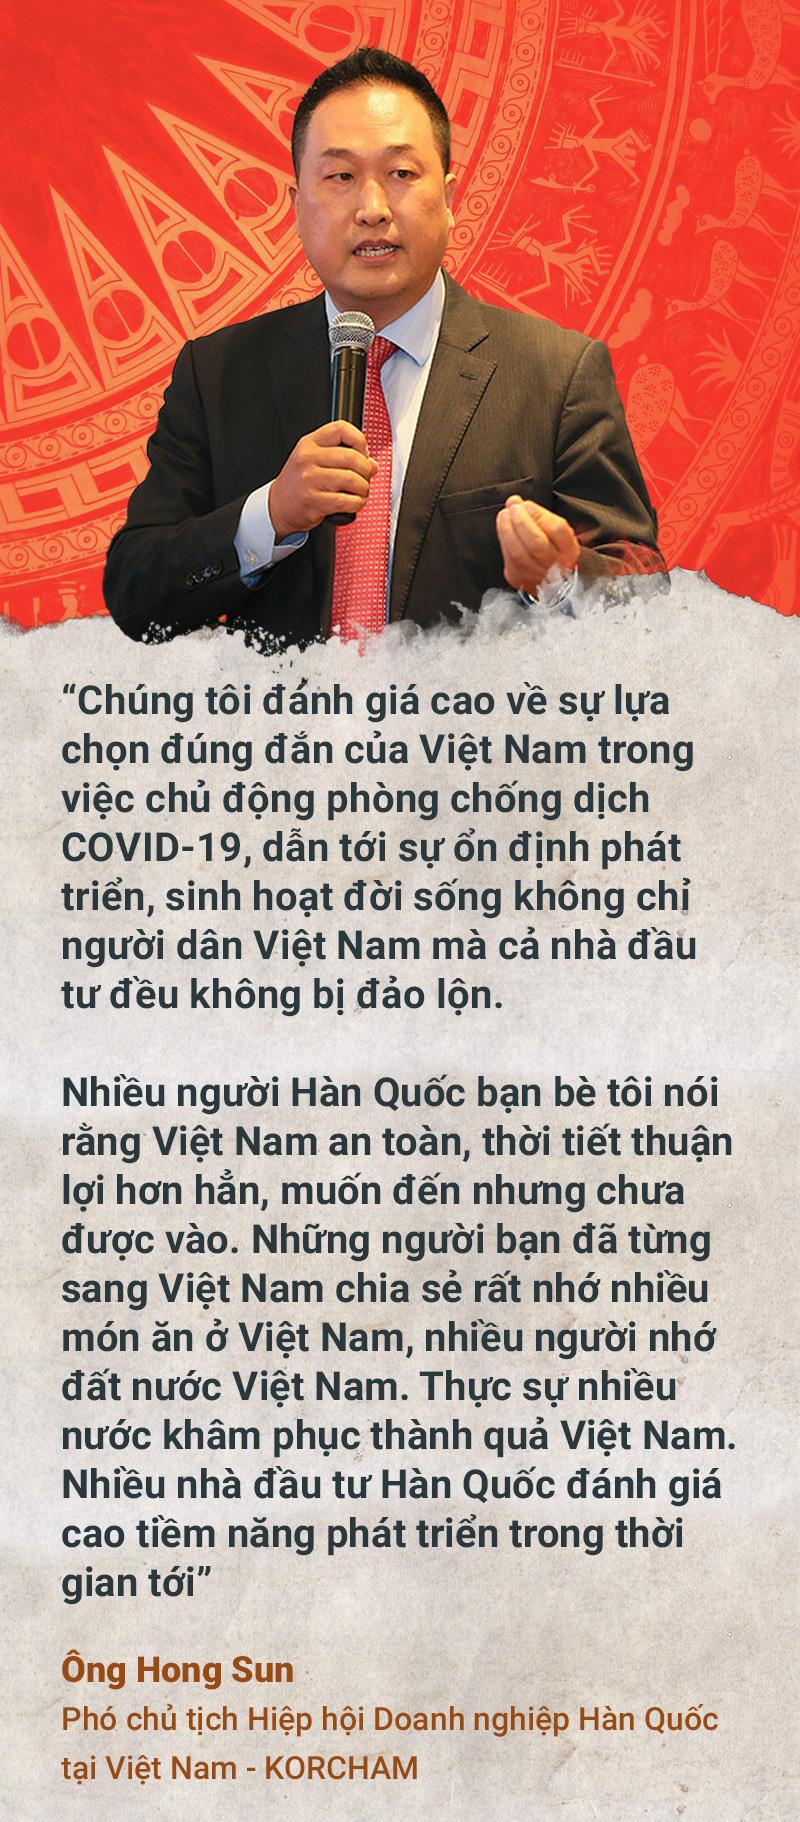 Việt Nam 2020:Tỏa sáng trong một năm đặc biệt - Ảnh 9.